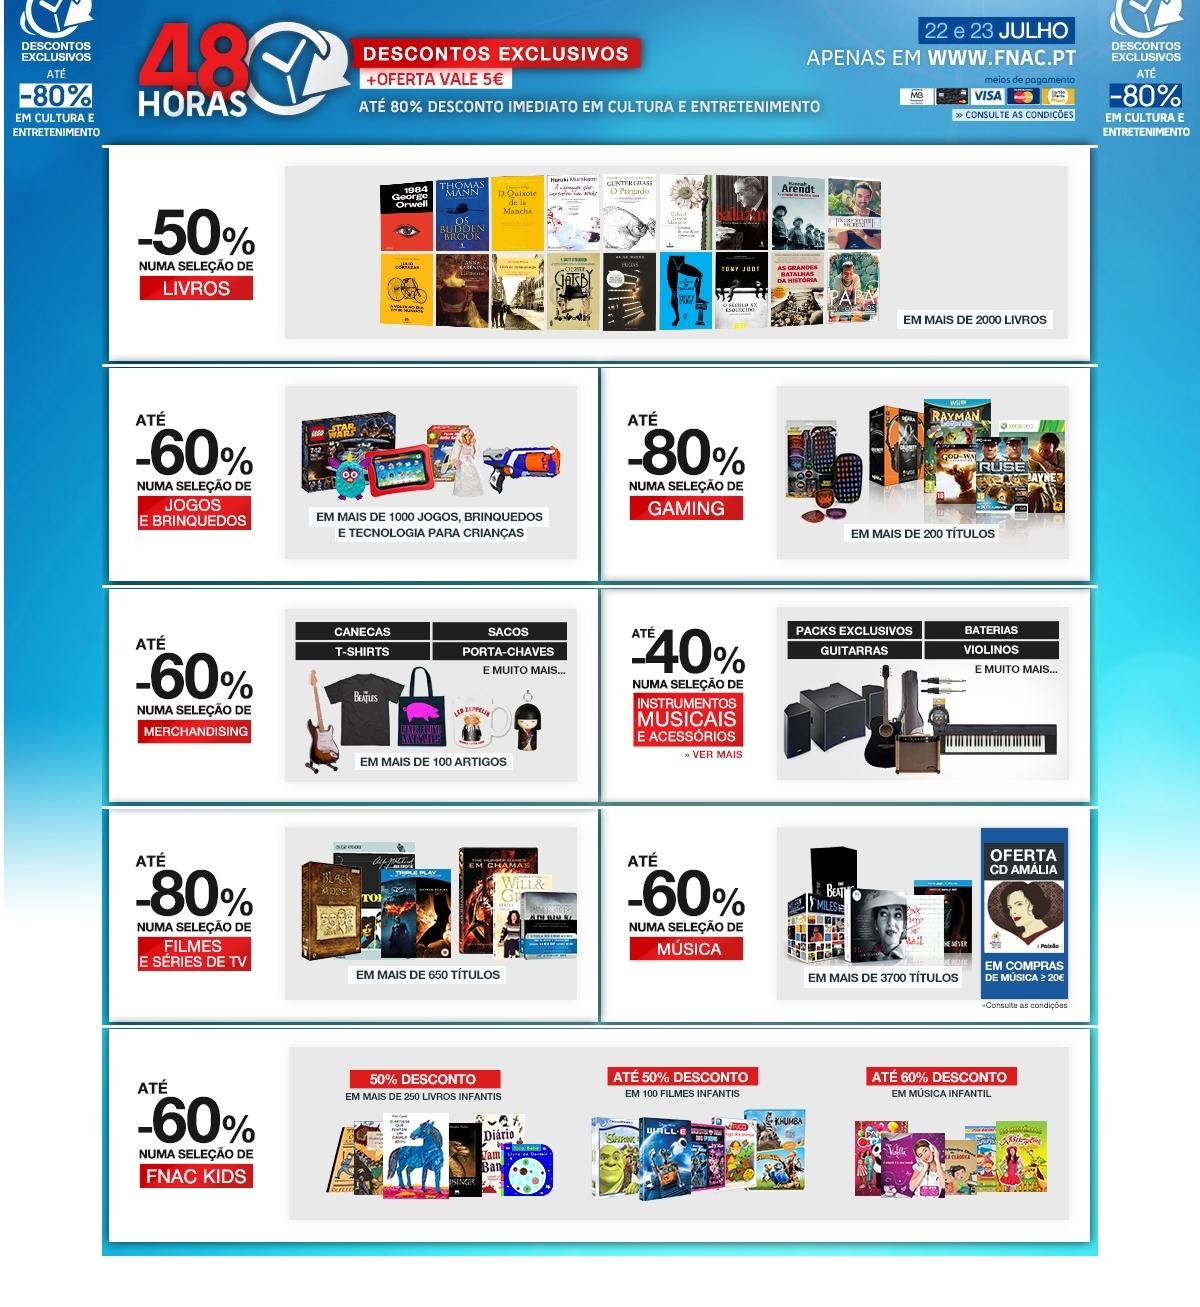 Promoções FNAC até 80% de desconto - até 23 julho